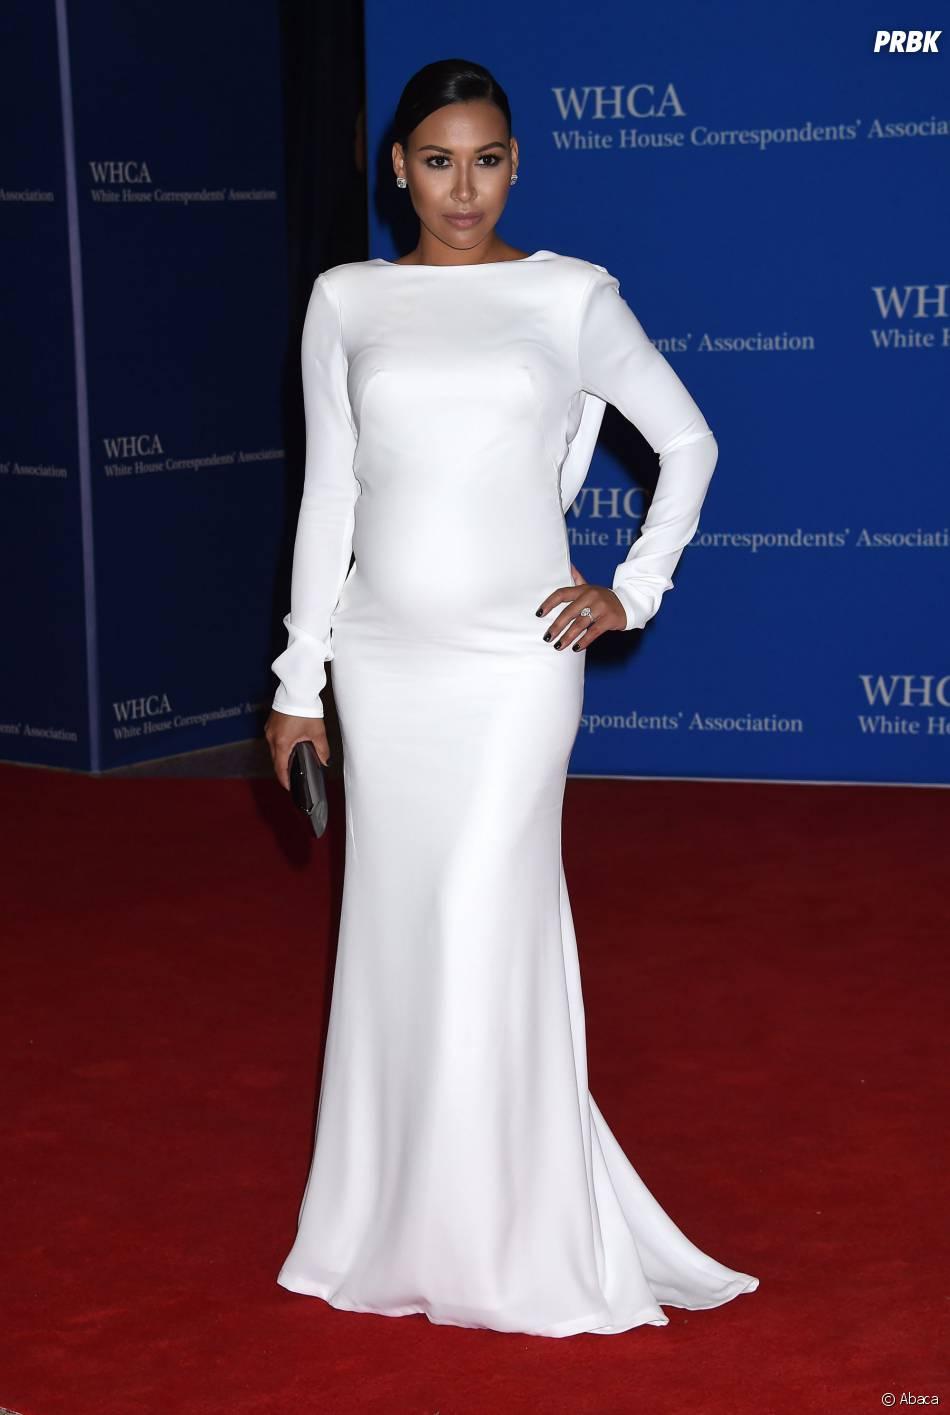 Naya Rivera enceinte et glamour au Dîner des correspondants de la Maison Blanche, le 25 avril 2015 à Washington